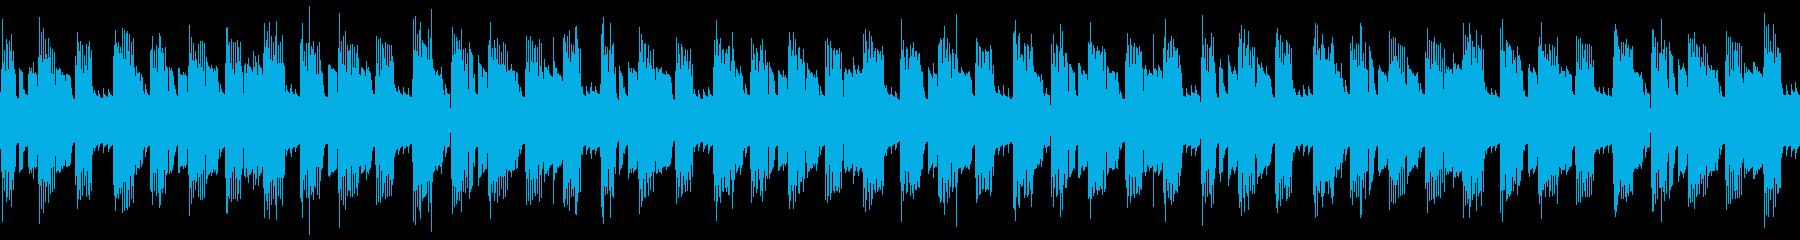 ビデオゲームミュージック:大型およ...の再生済みの波形